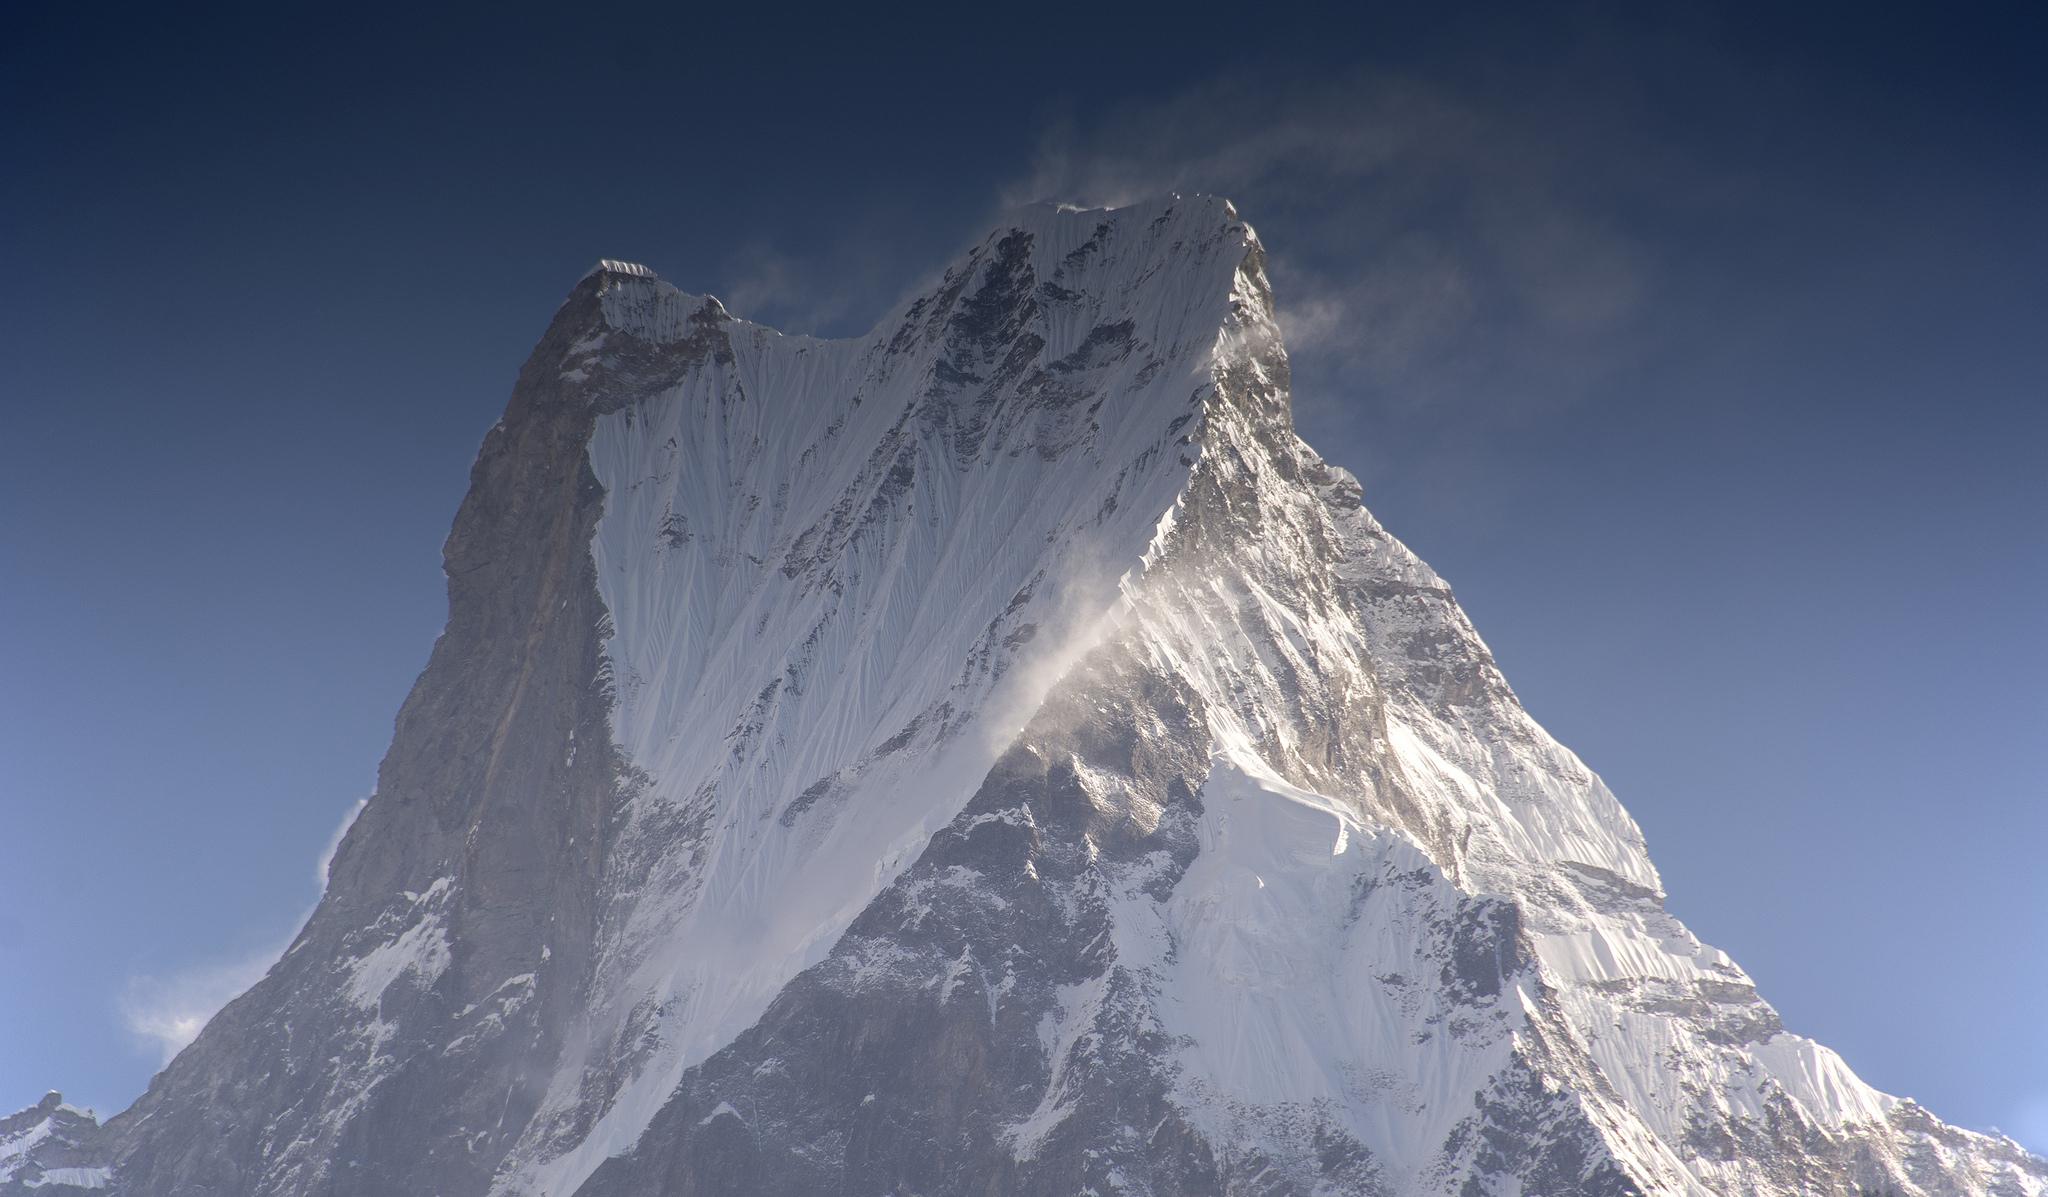 уже фотографии горных вершин своевременная профилактика